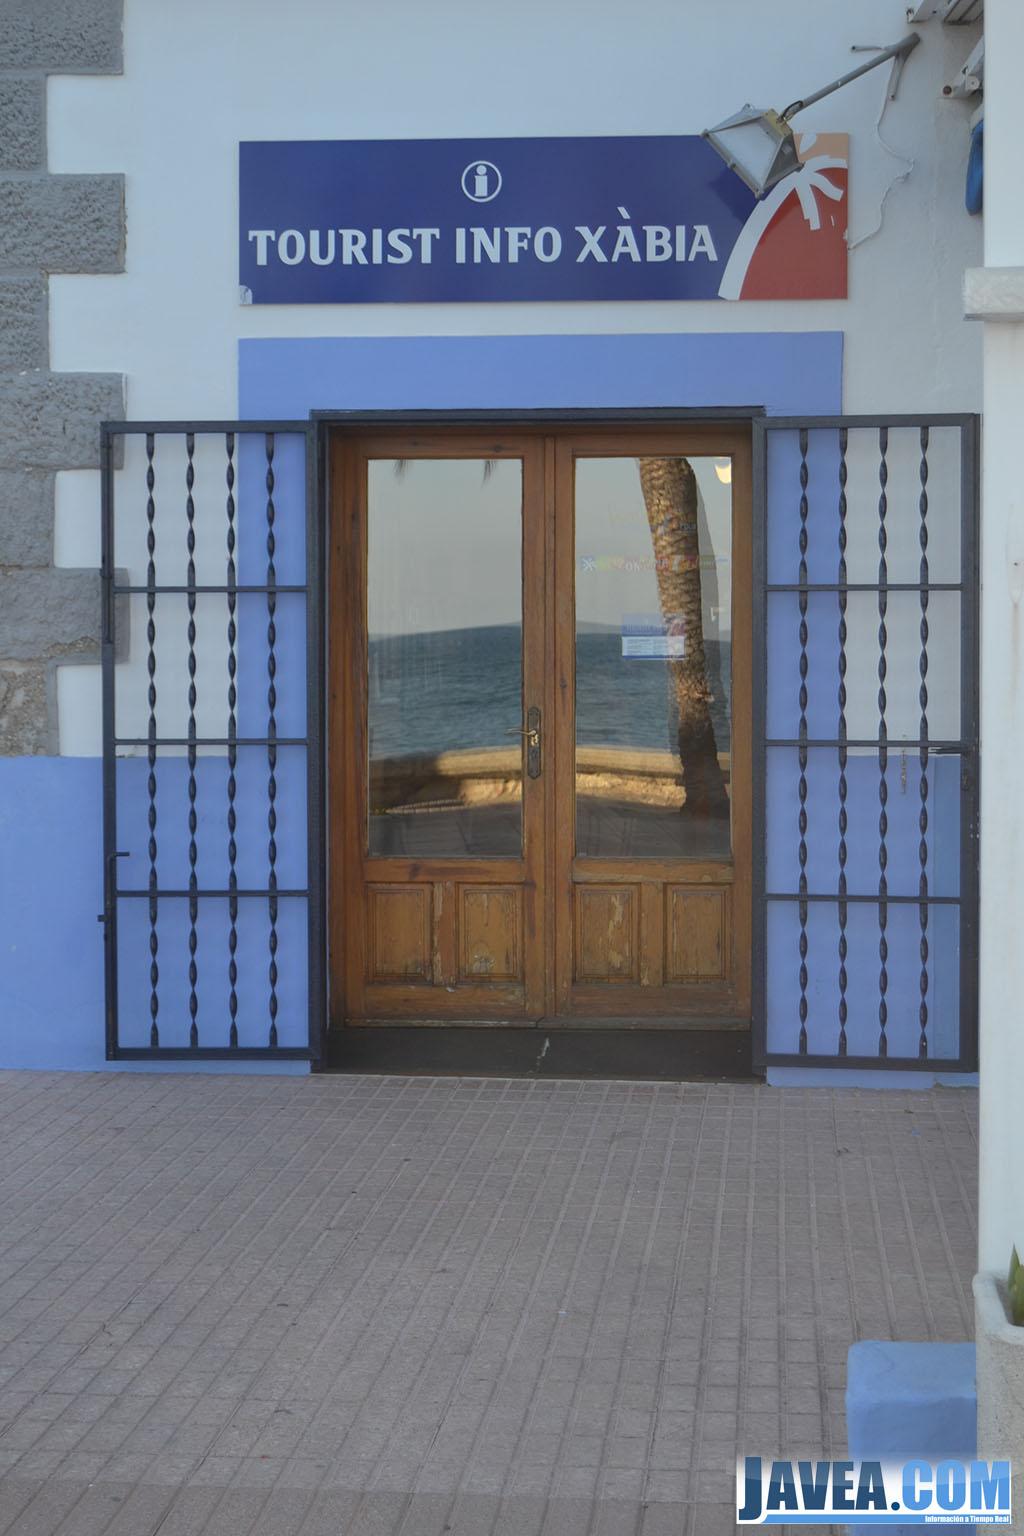 La oficina de turismo del puerto de Jávea se encuentra en el Paseo Marítimo a primera línea de la Playa de la Grava